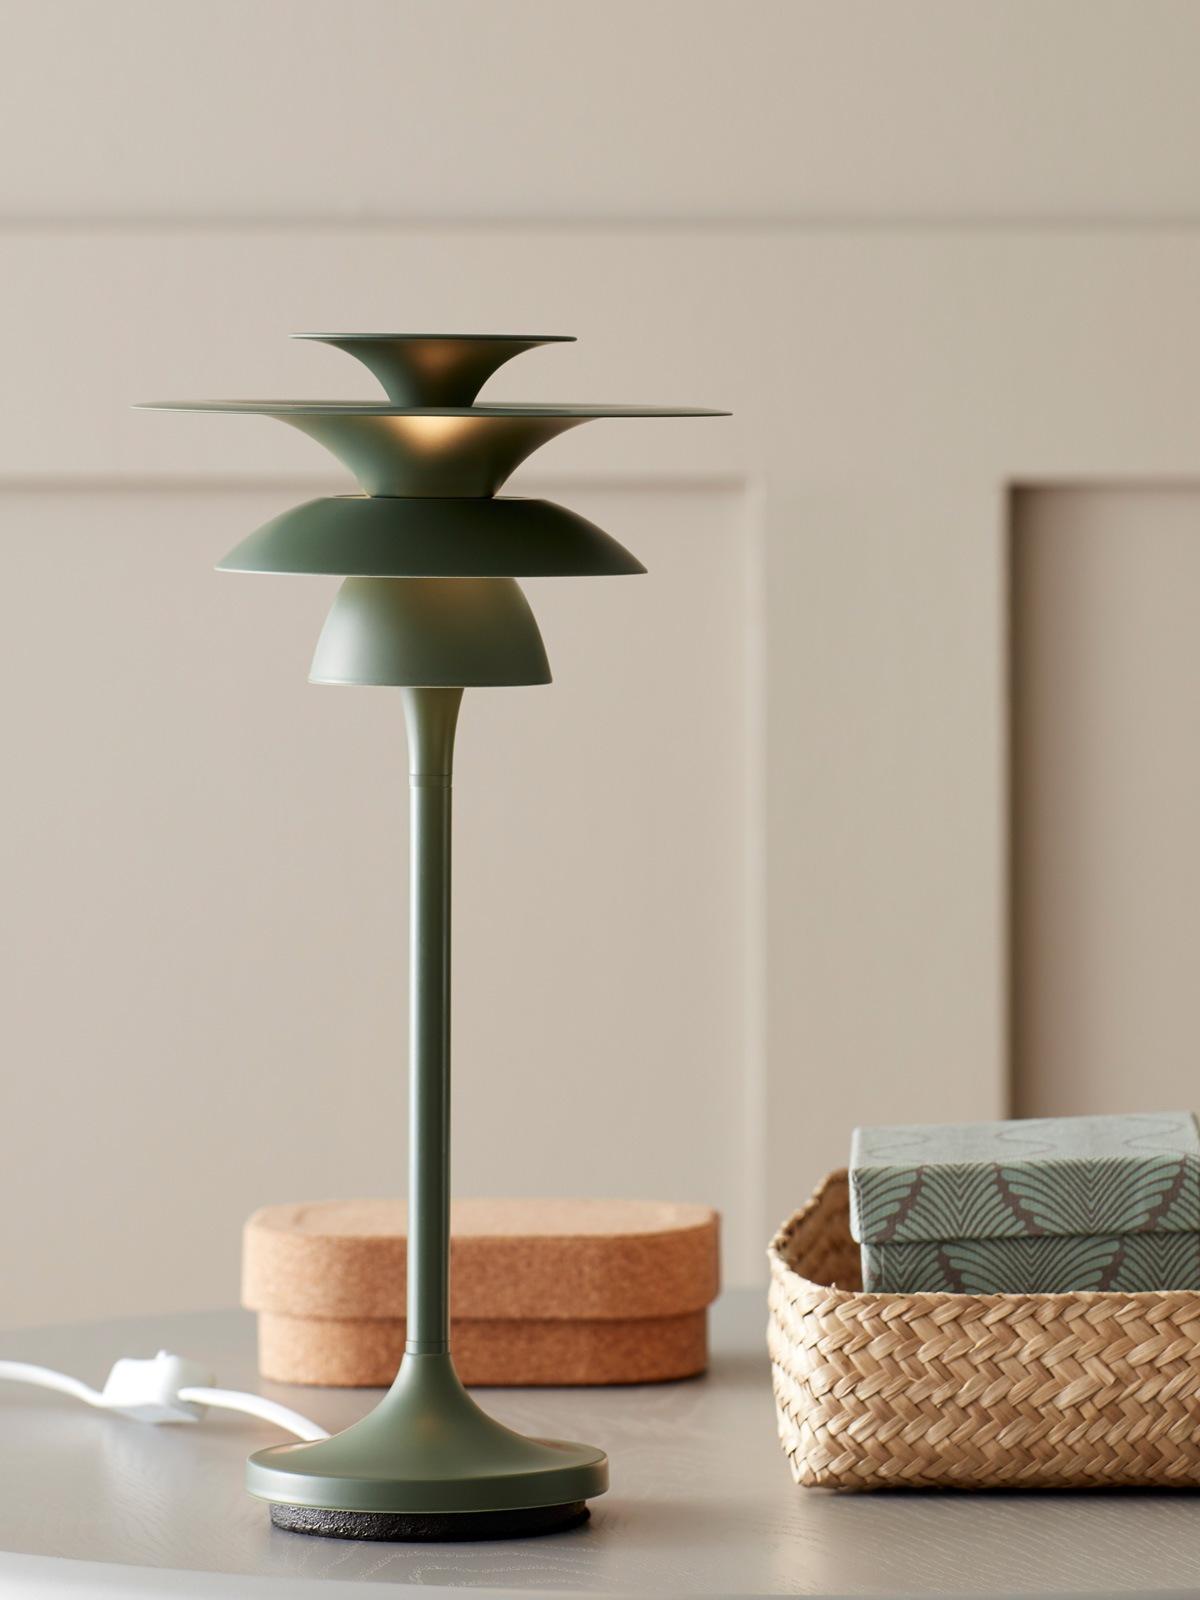 Belid Picasso T Tischlampe Beleuchtung Berlin DesignOrt